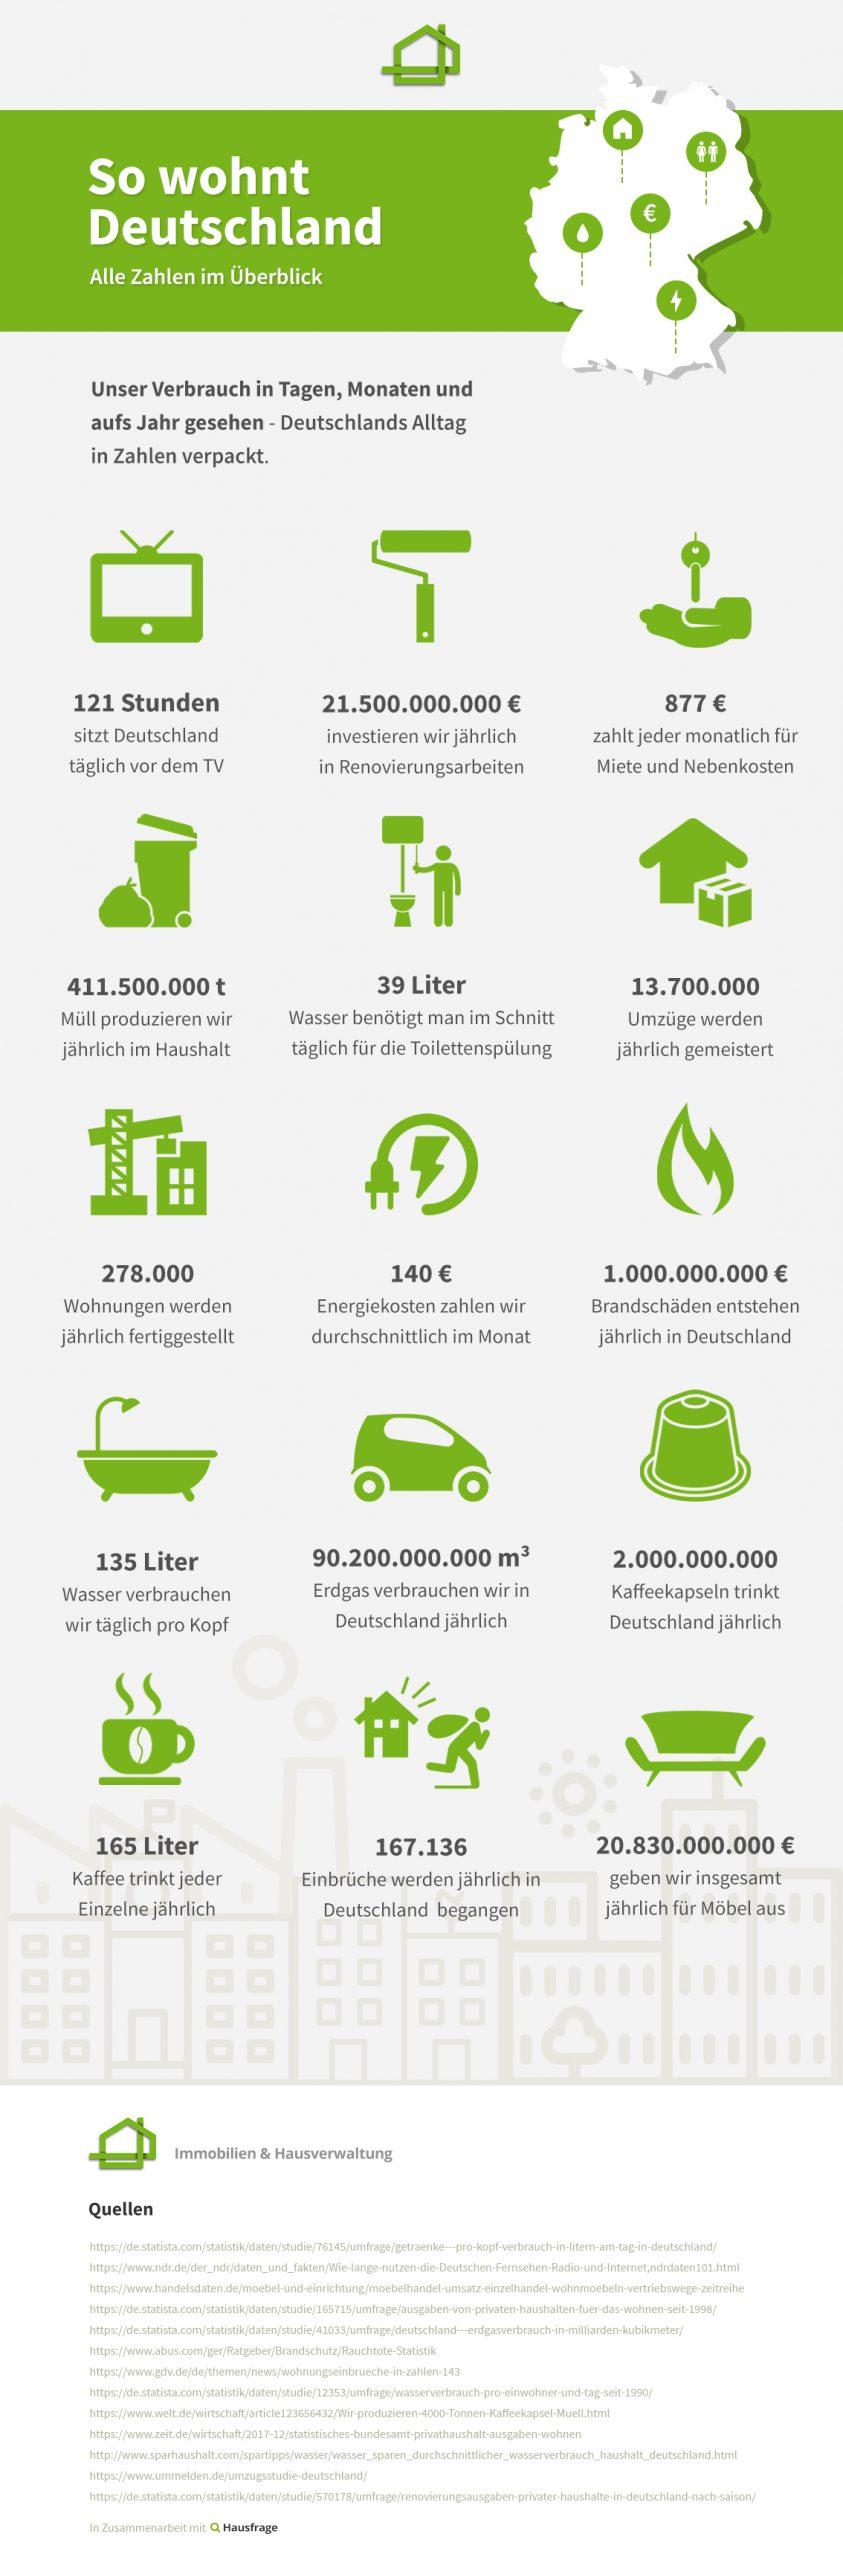 So_Wohnt_Deutschland-Infografik-Hausfrage